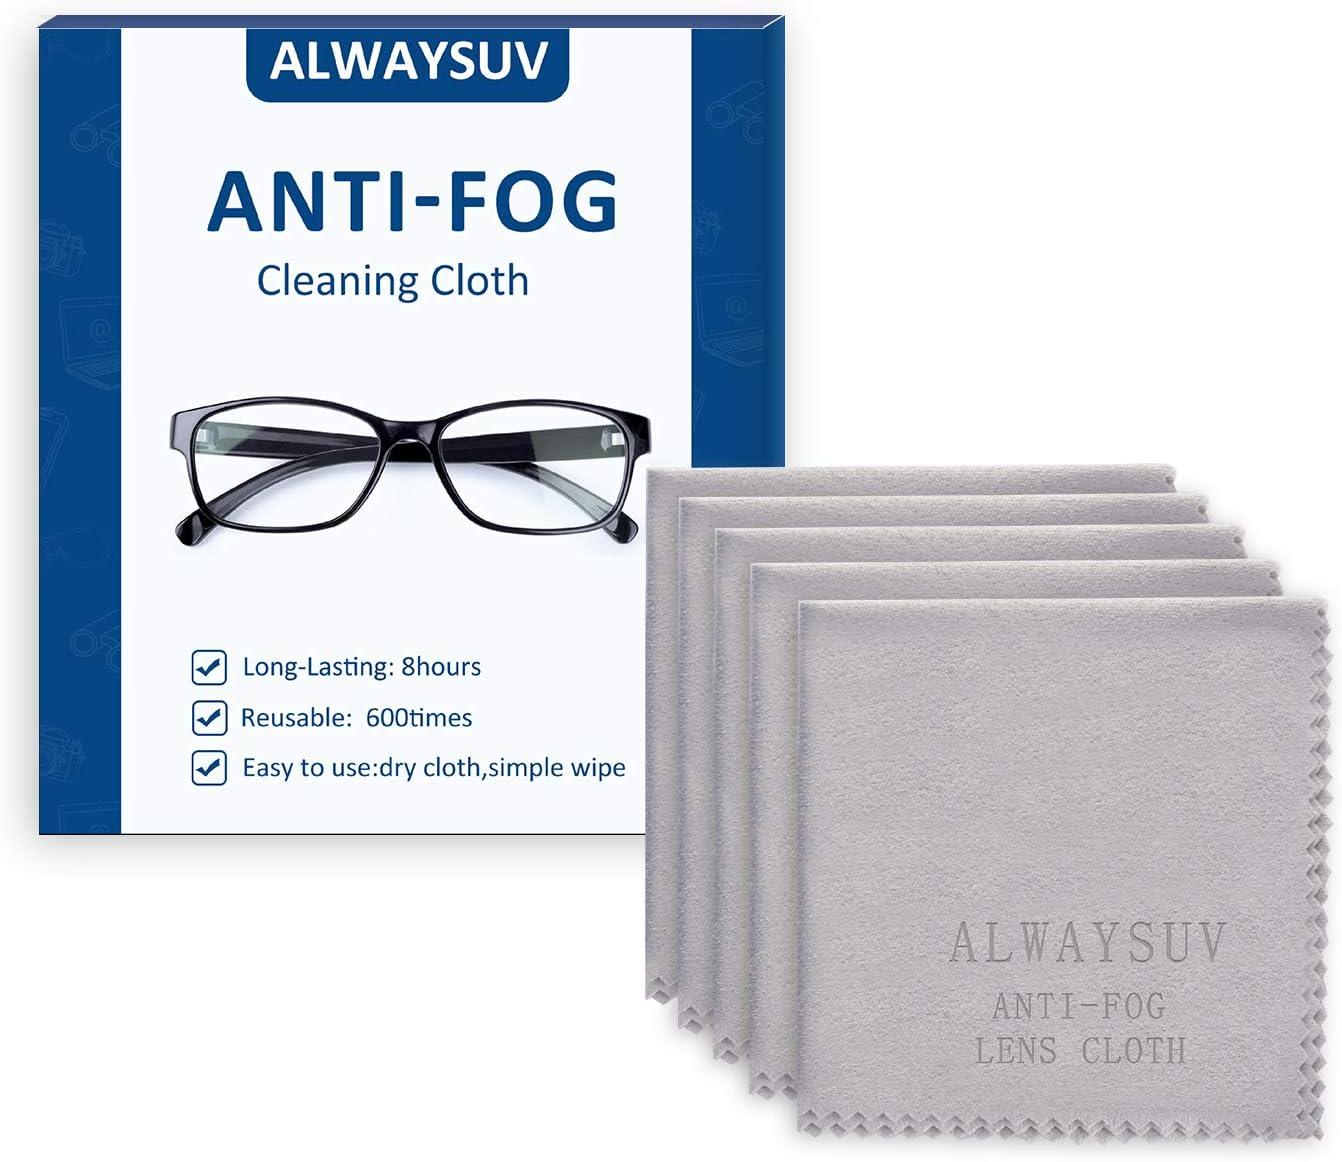 Alwaysuv Alwaysuv 5 Pack Mikrofaser Antibeschlag Reinigungstuch Für Brillengläser Telefone Bildschirme Kamera Wiederverwendbare Reinigungstücher 5new Drogerie Körperpflege